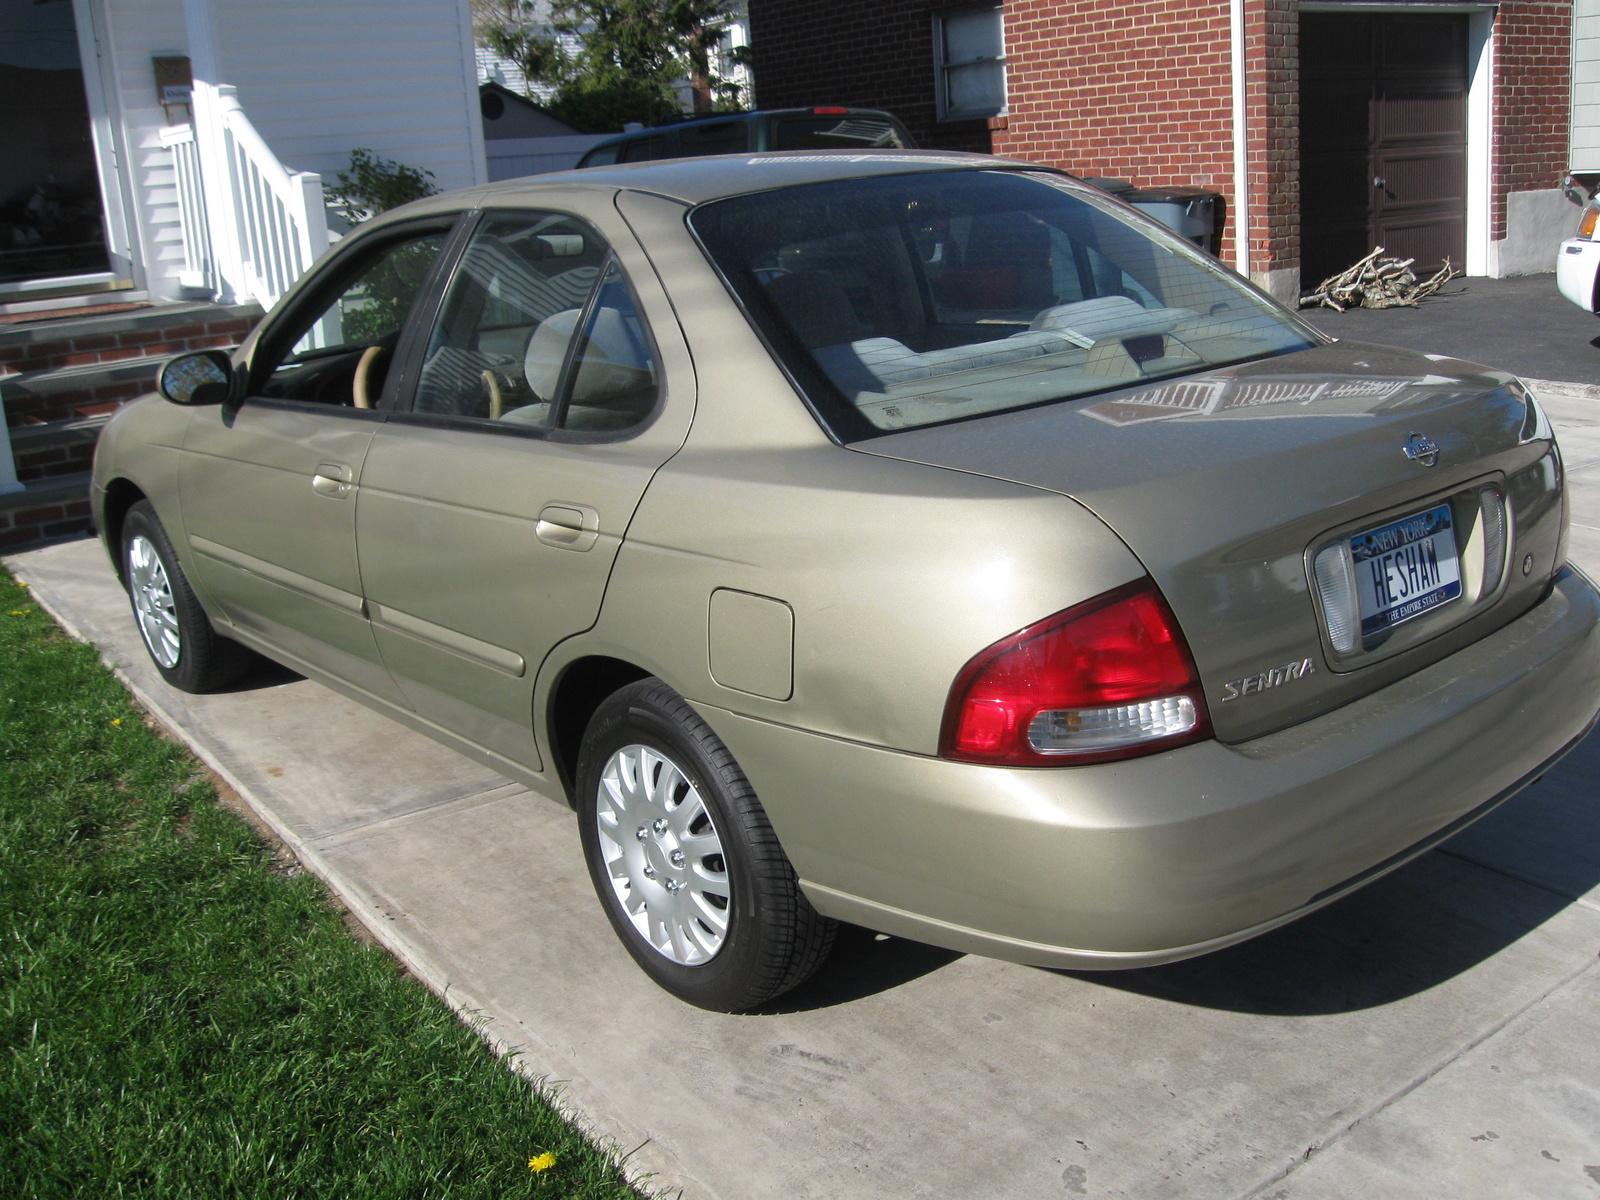 2001 Nissan Sentra Pictures Cargurus